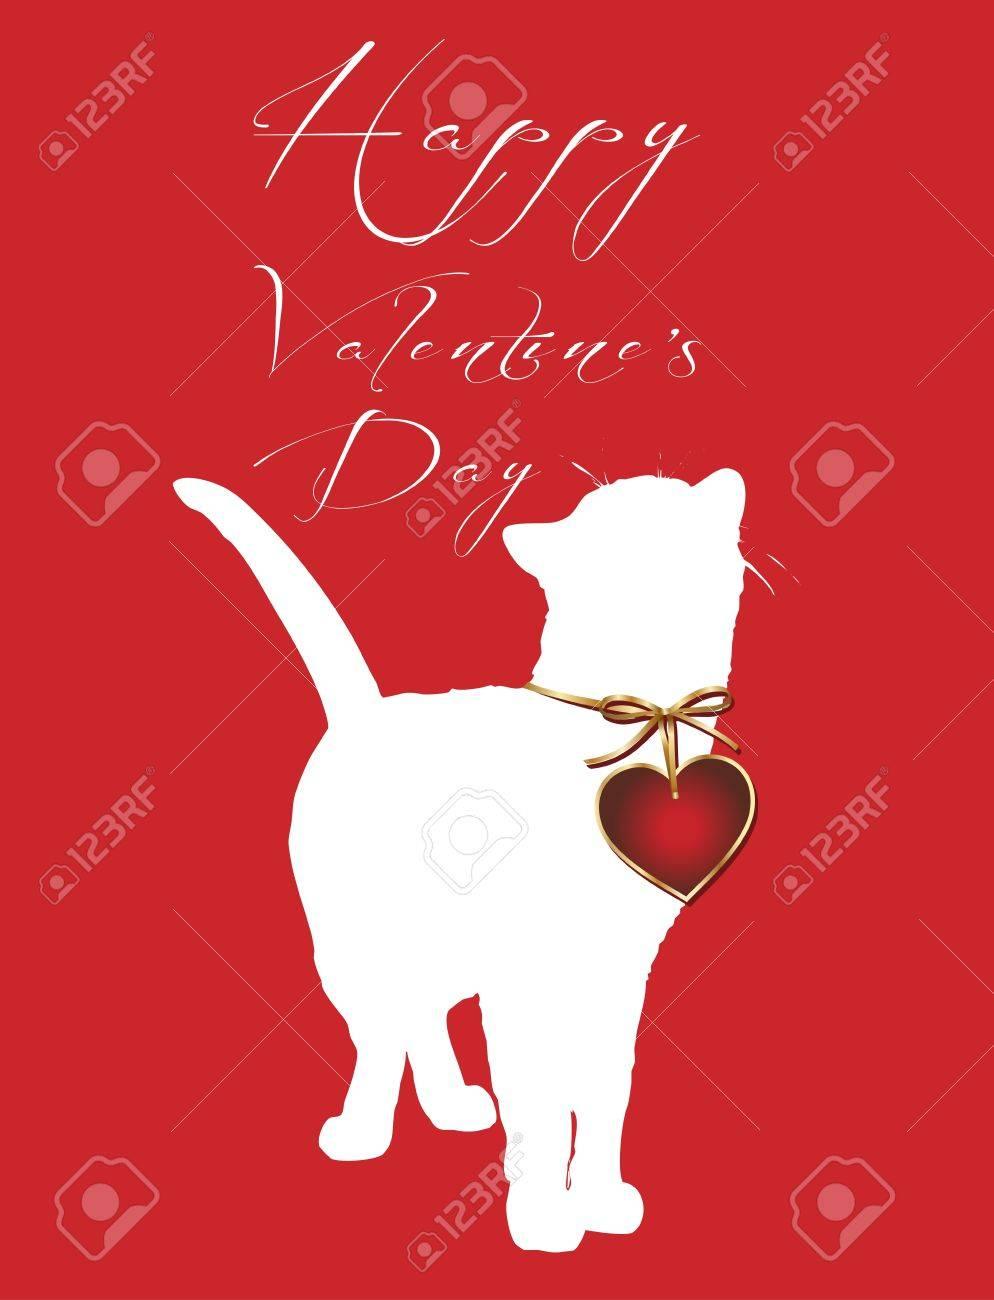 happy valentine s day Stock Vector - 11826029